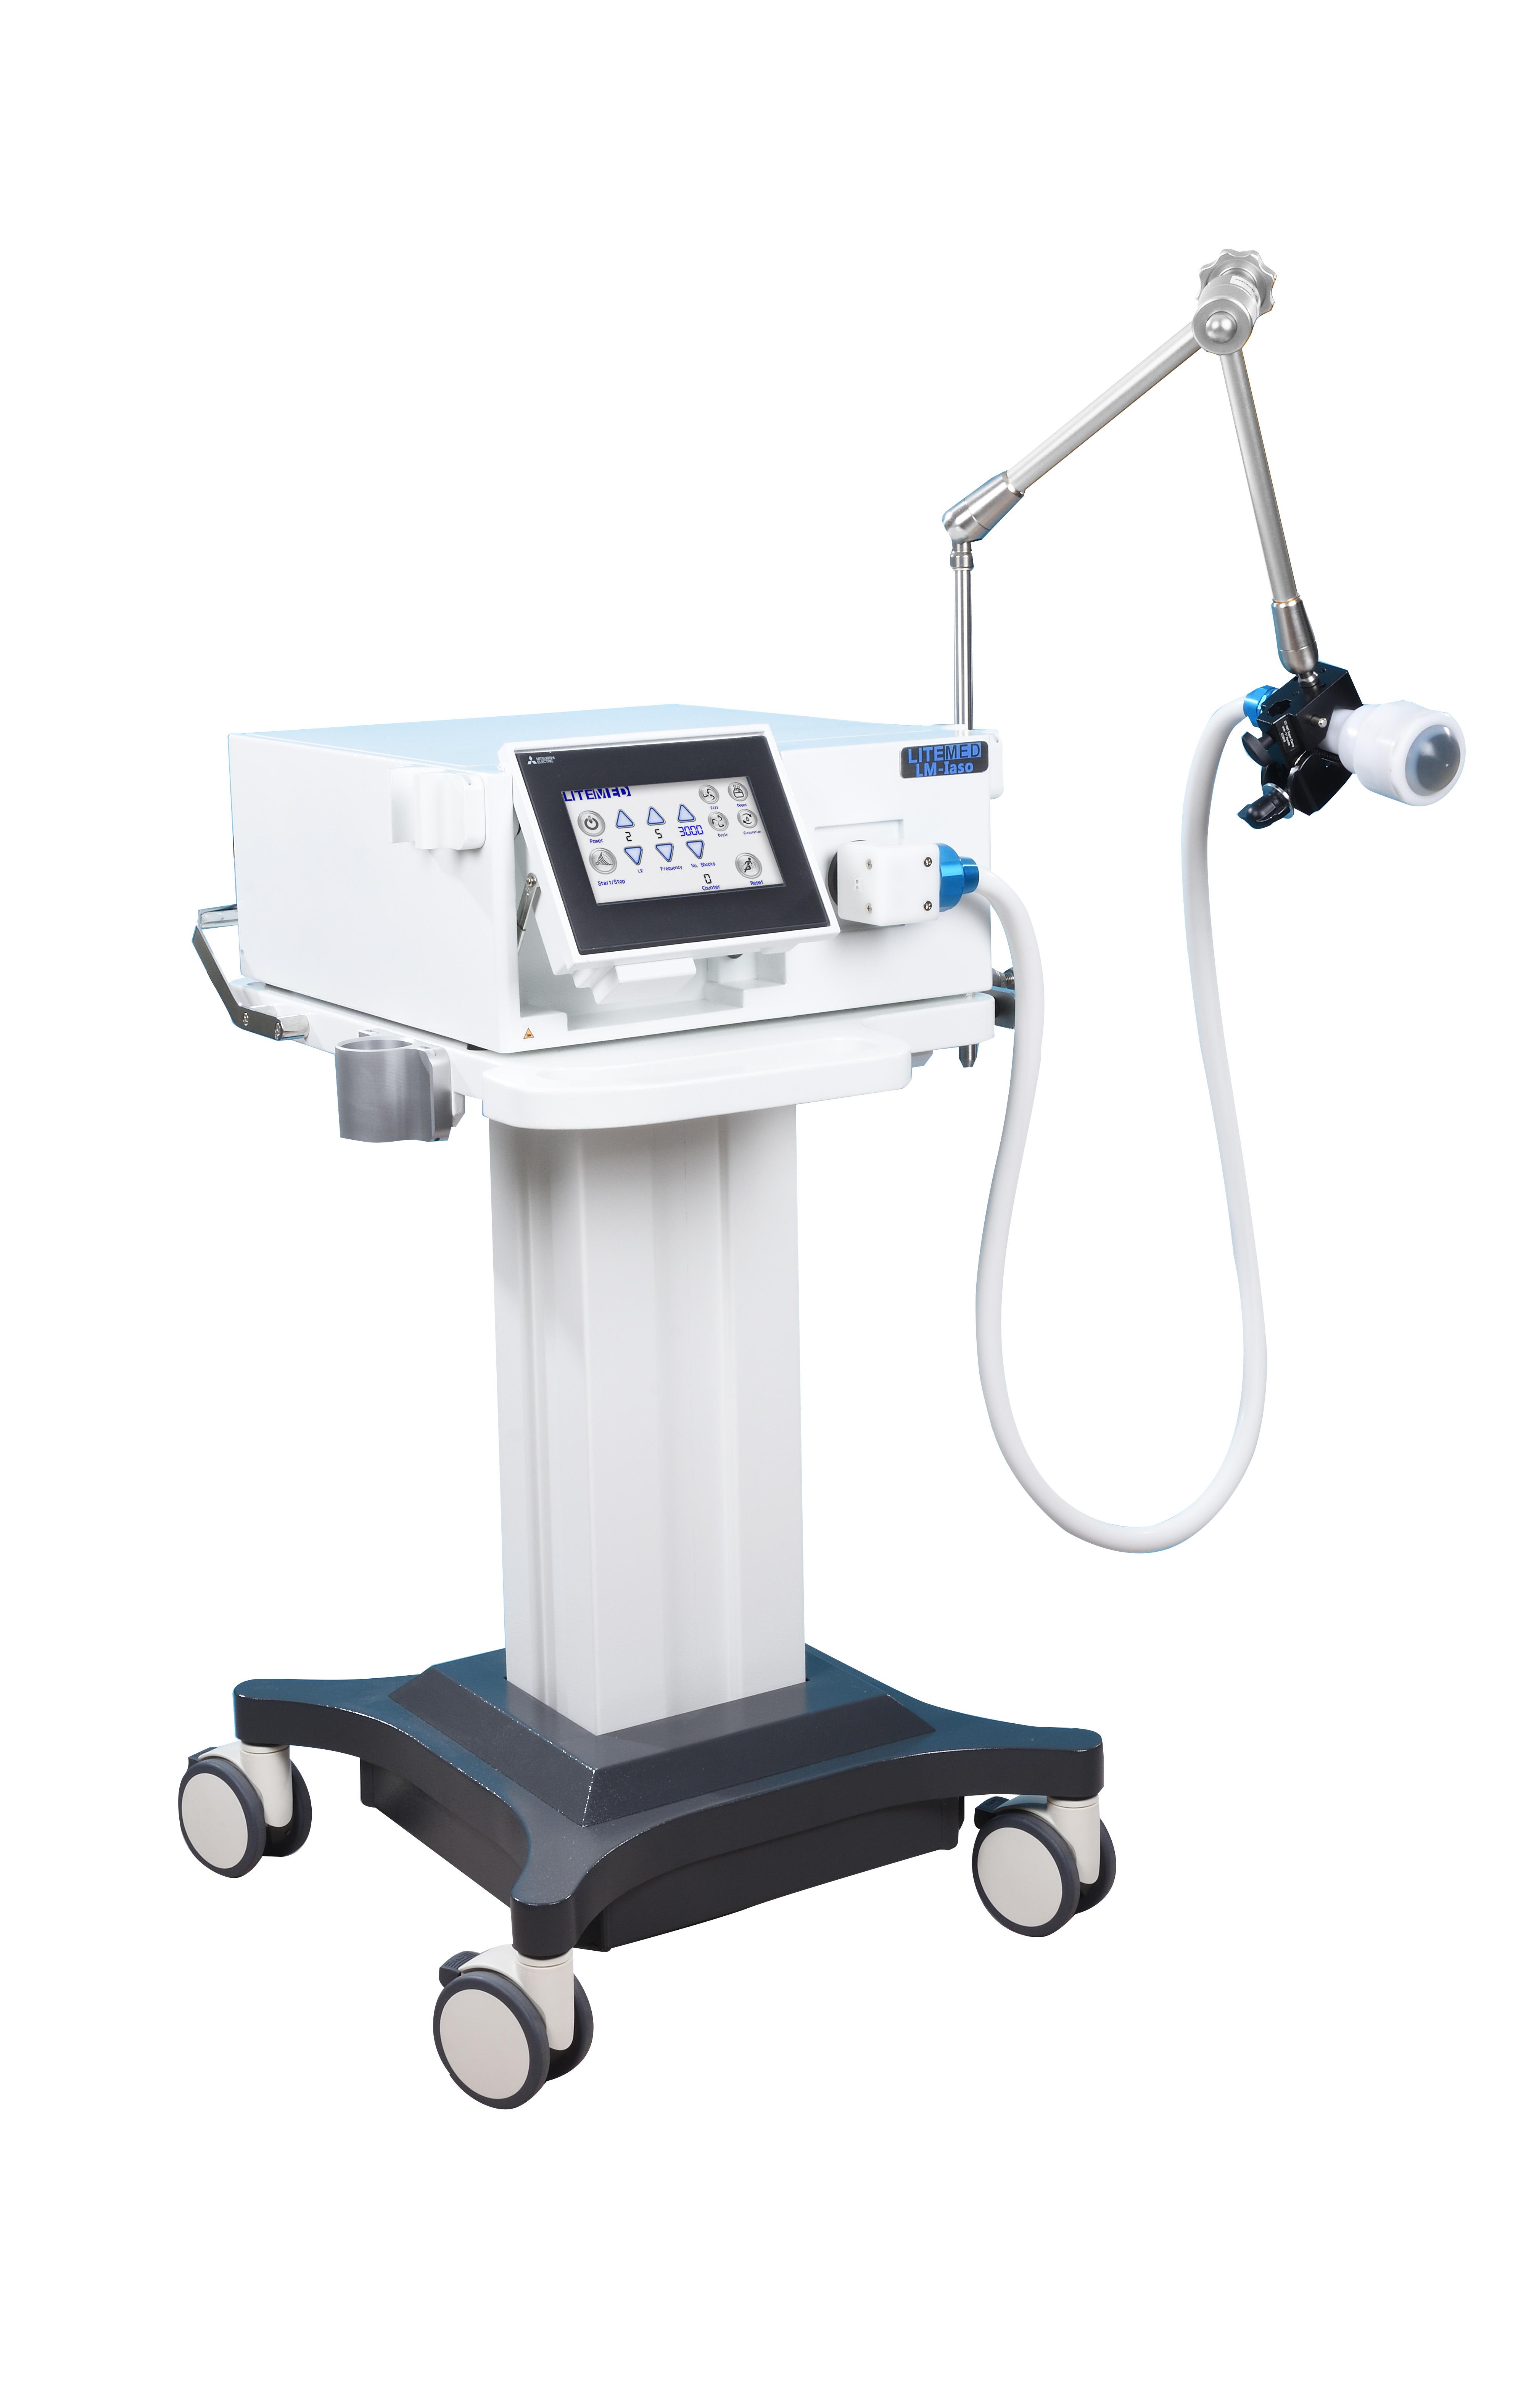 體外震波治療儀